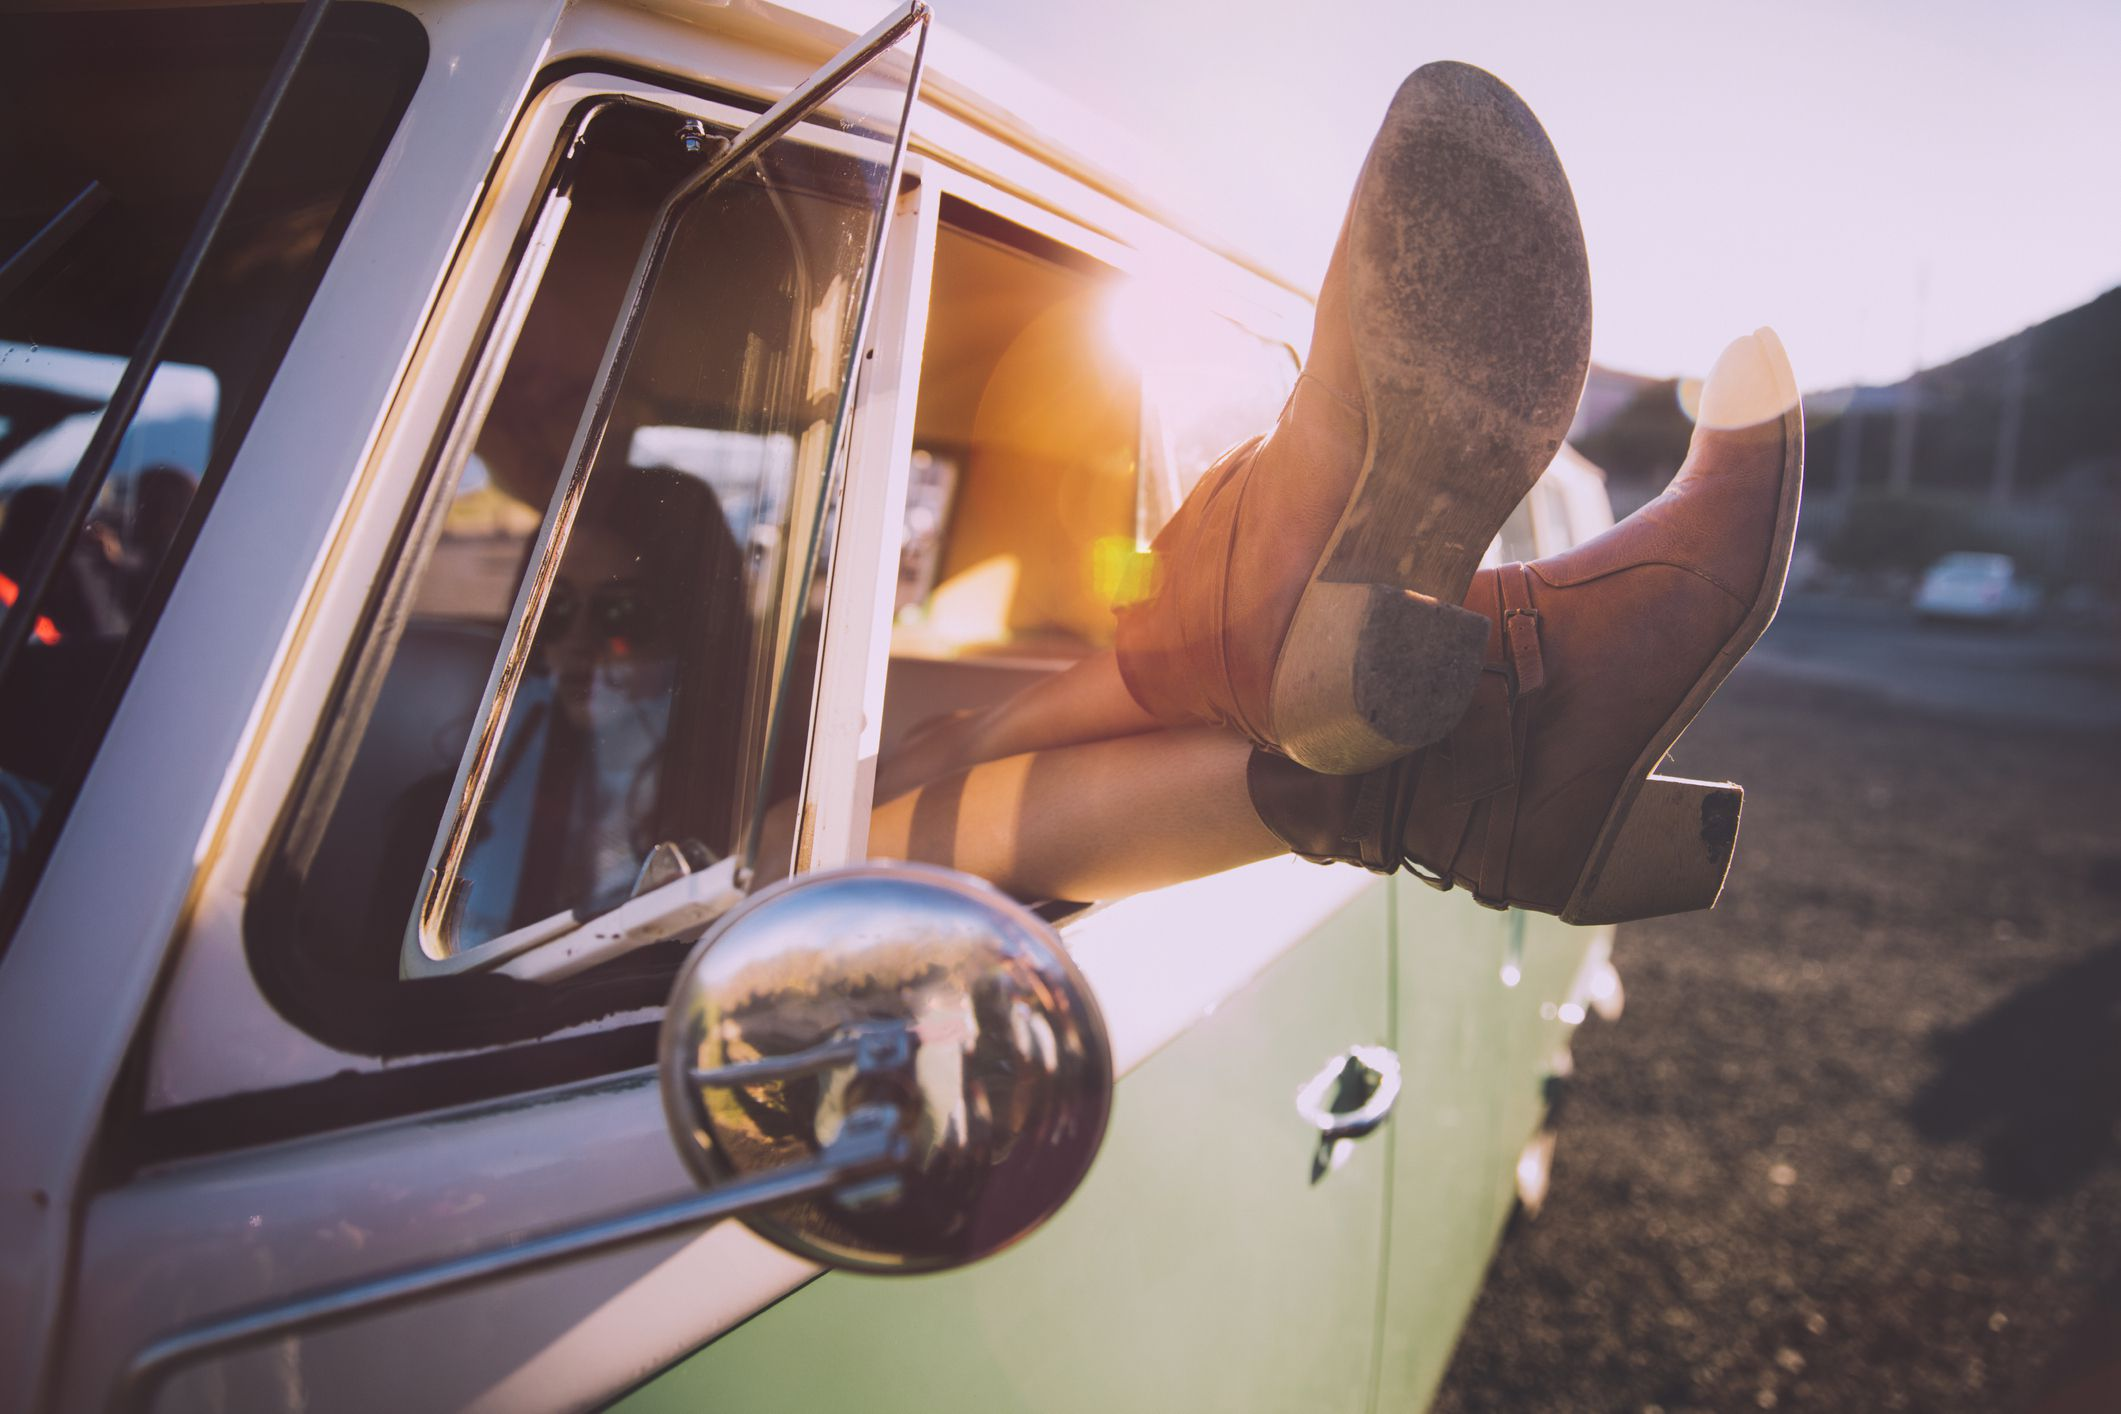 bota texana feminina cano curto